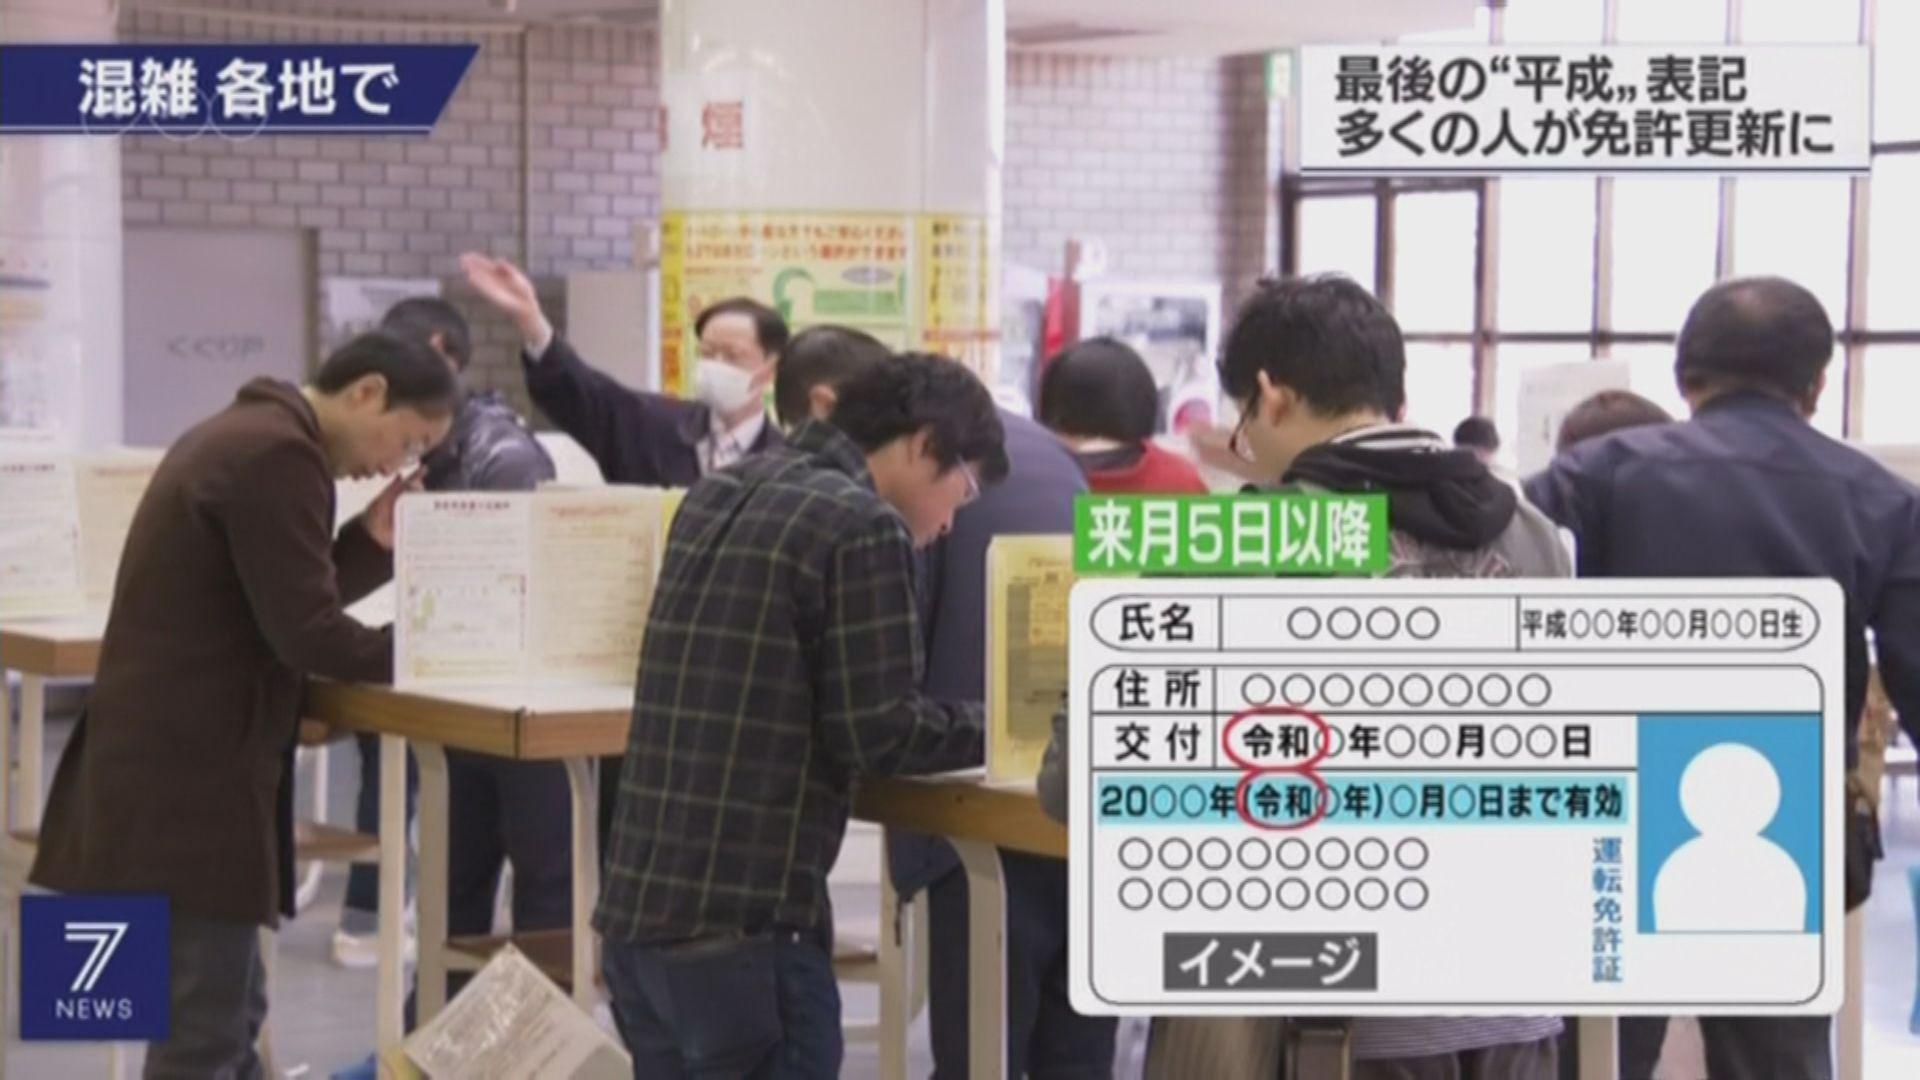 日本民眾趕往領取平成駕駛執照